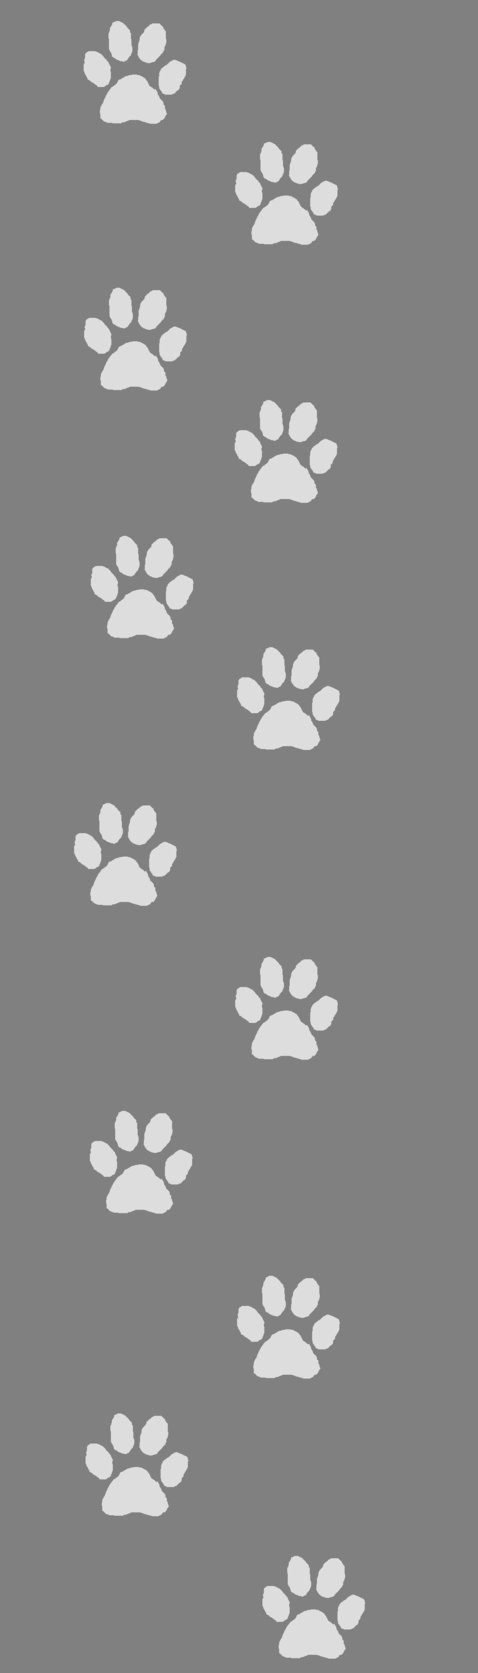 Grey Dog paw print Custom box background by Kawaii 0kami 478x1673